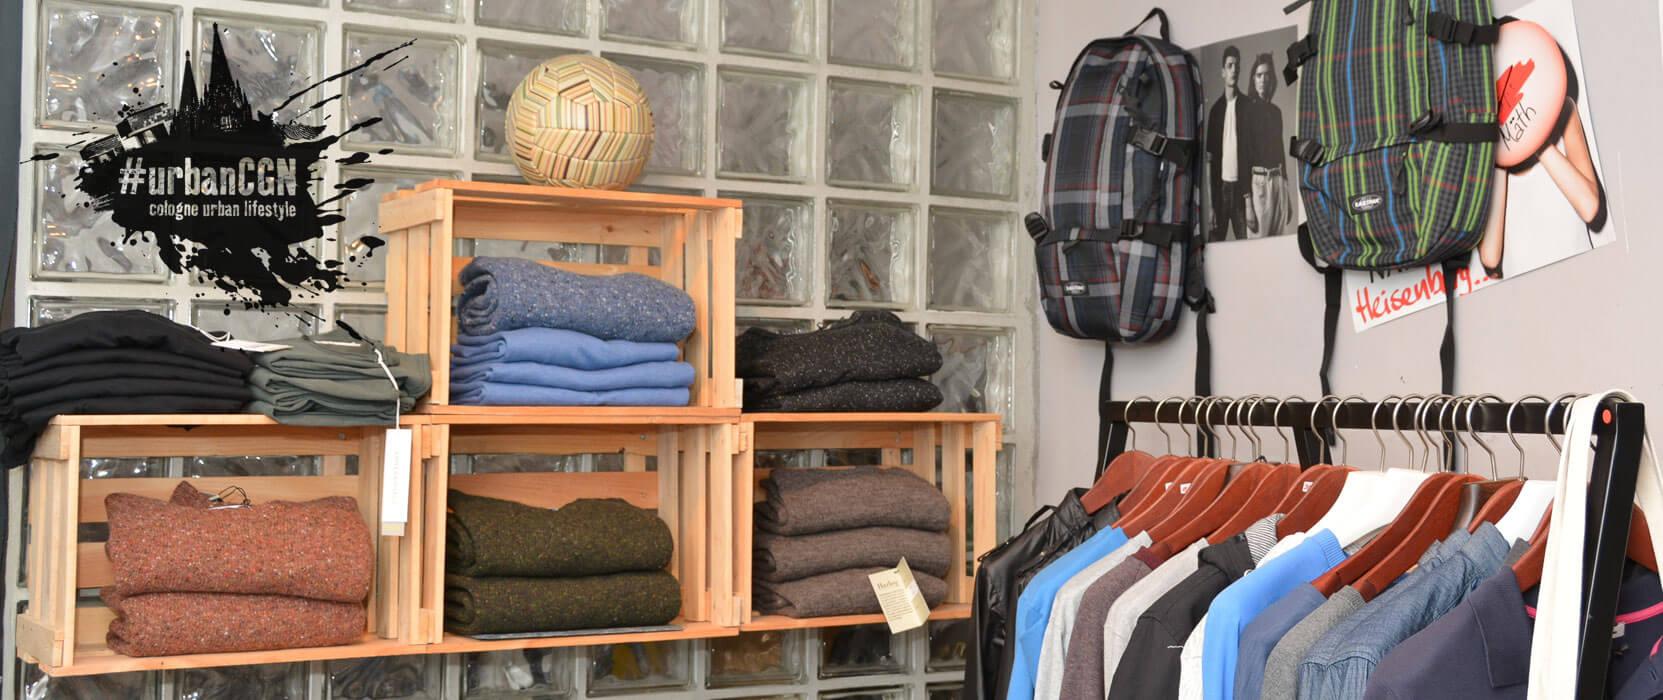 Mode für Männer in Köln: Einkaufen mit Stil | Greenwich Man Time Köln | © Ralf Johnen